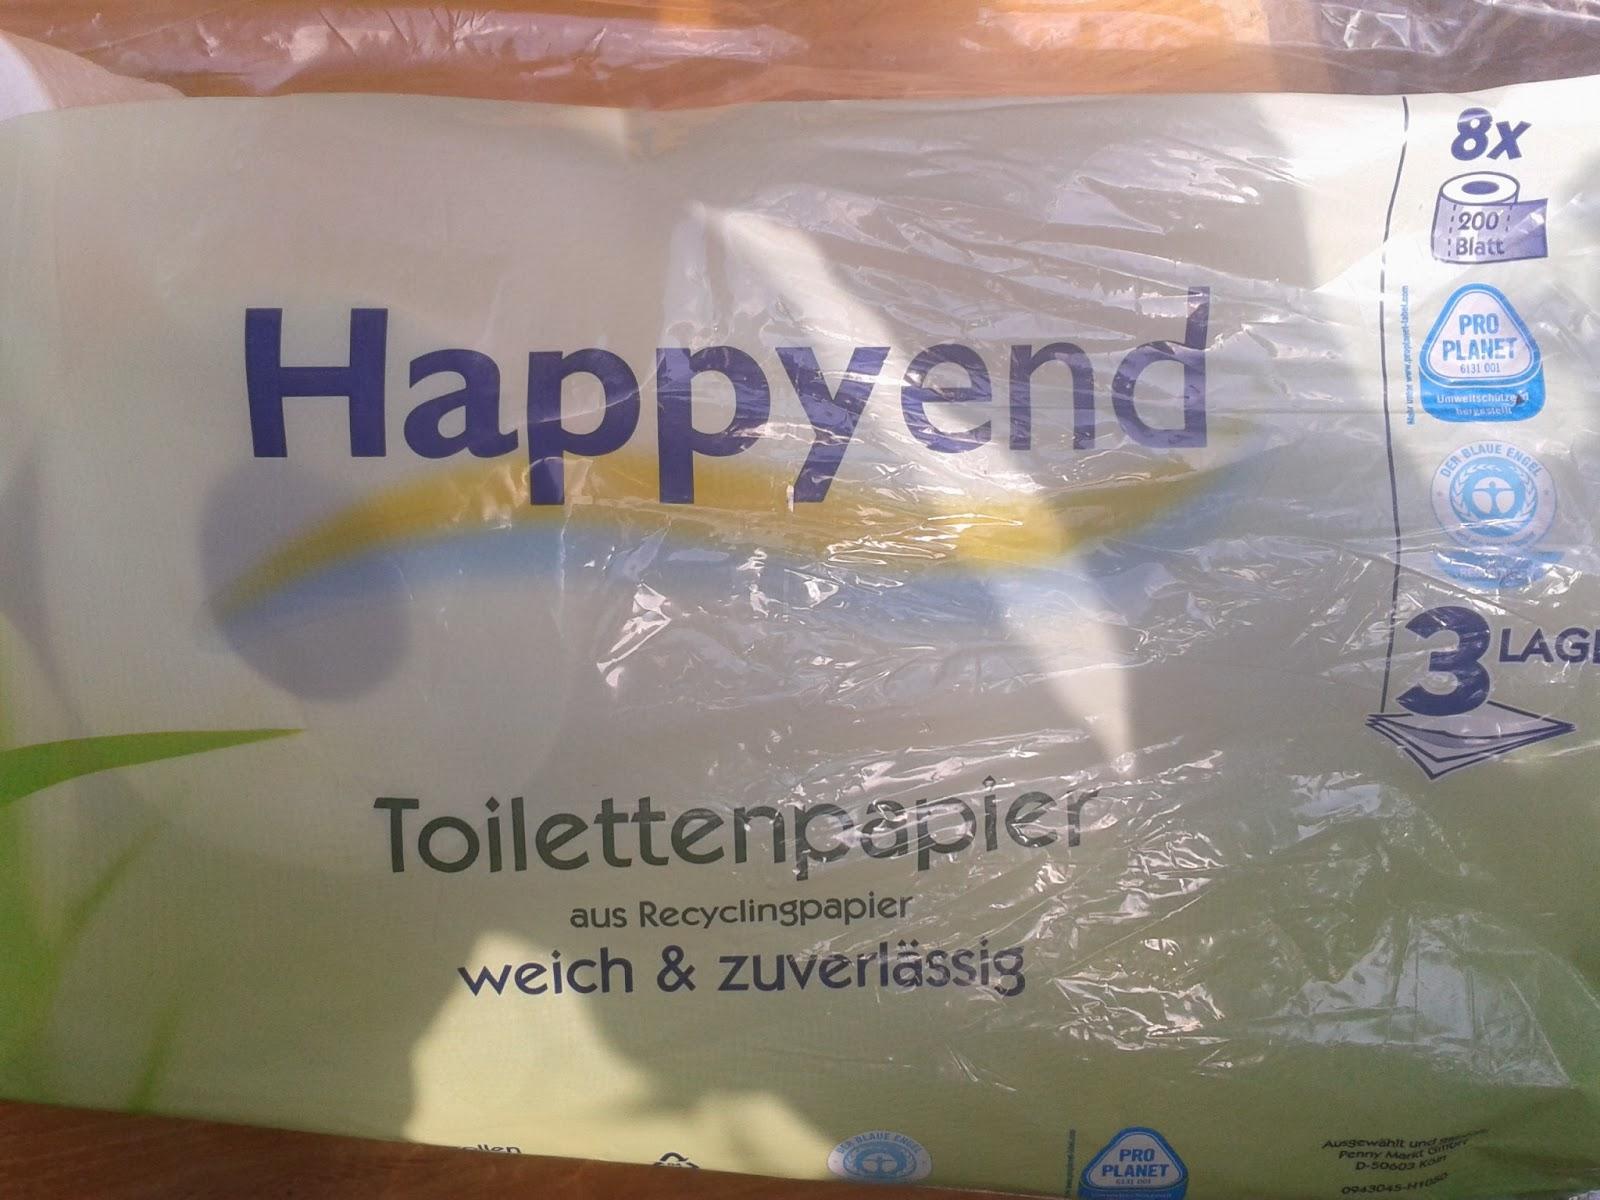 Happyend Toilettenpapier